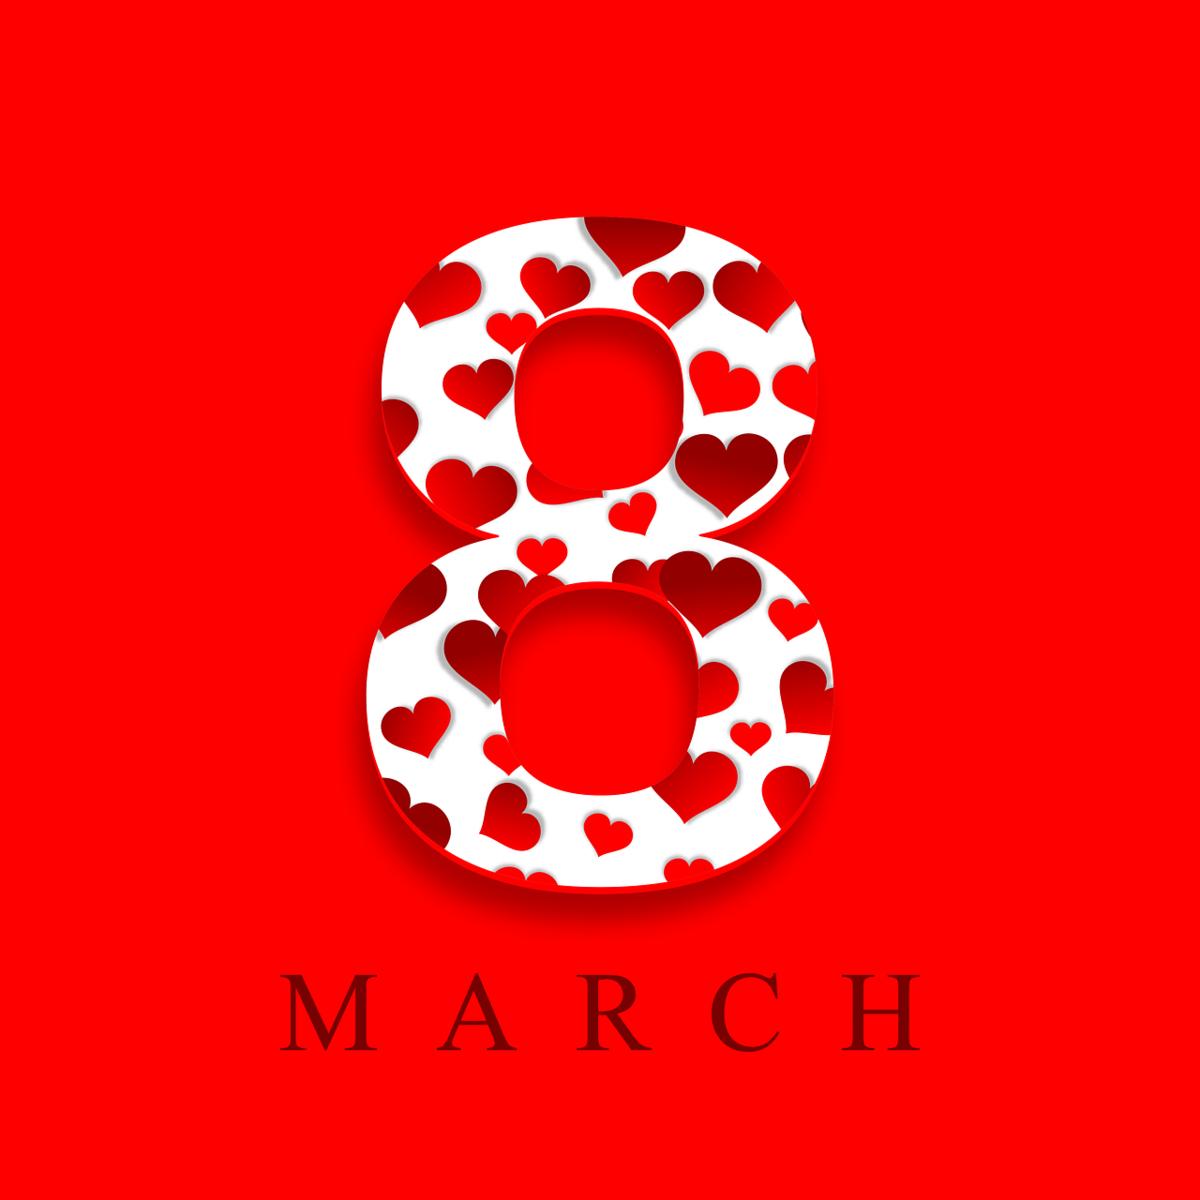 Открытки, картинки с 8 марта современные